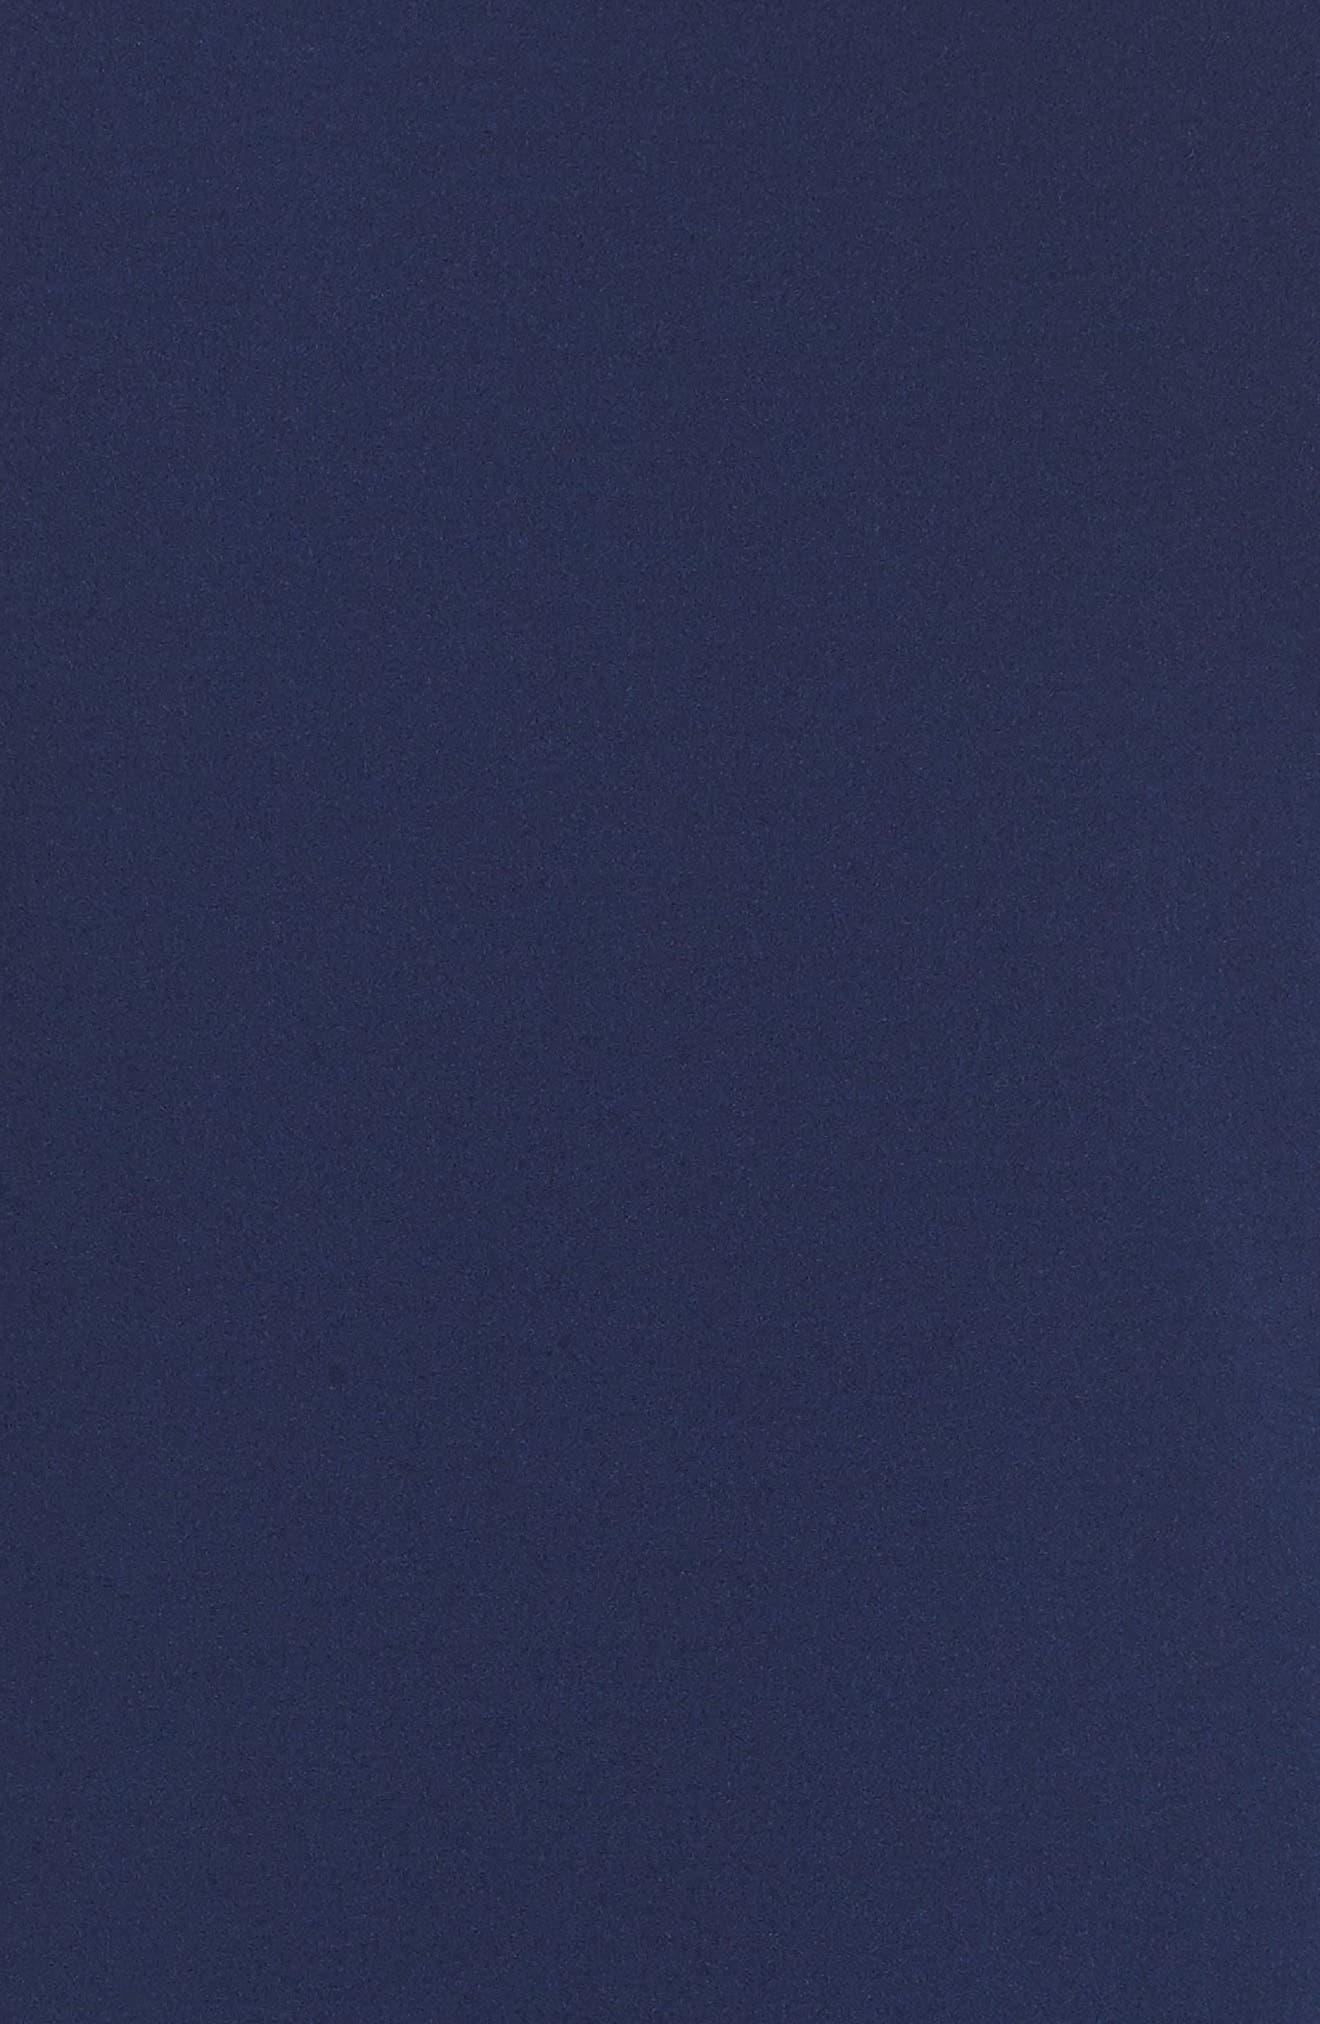 Knit Crepe Asymmetrical Jumpsuit,                             Alternate thumbnail 5, color,                             Blue Violet